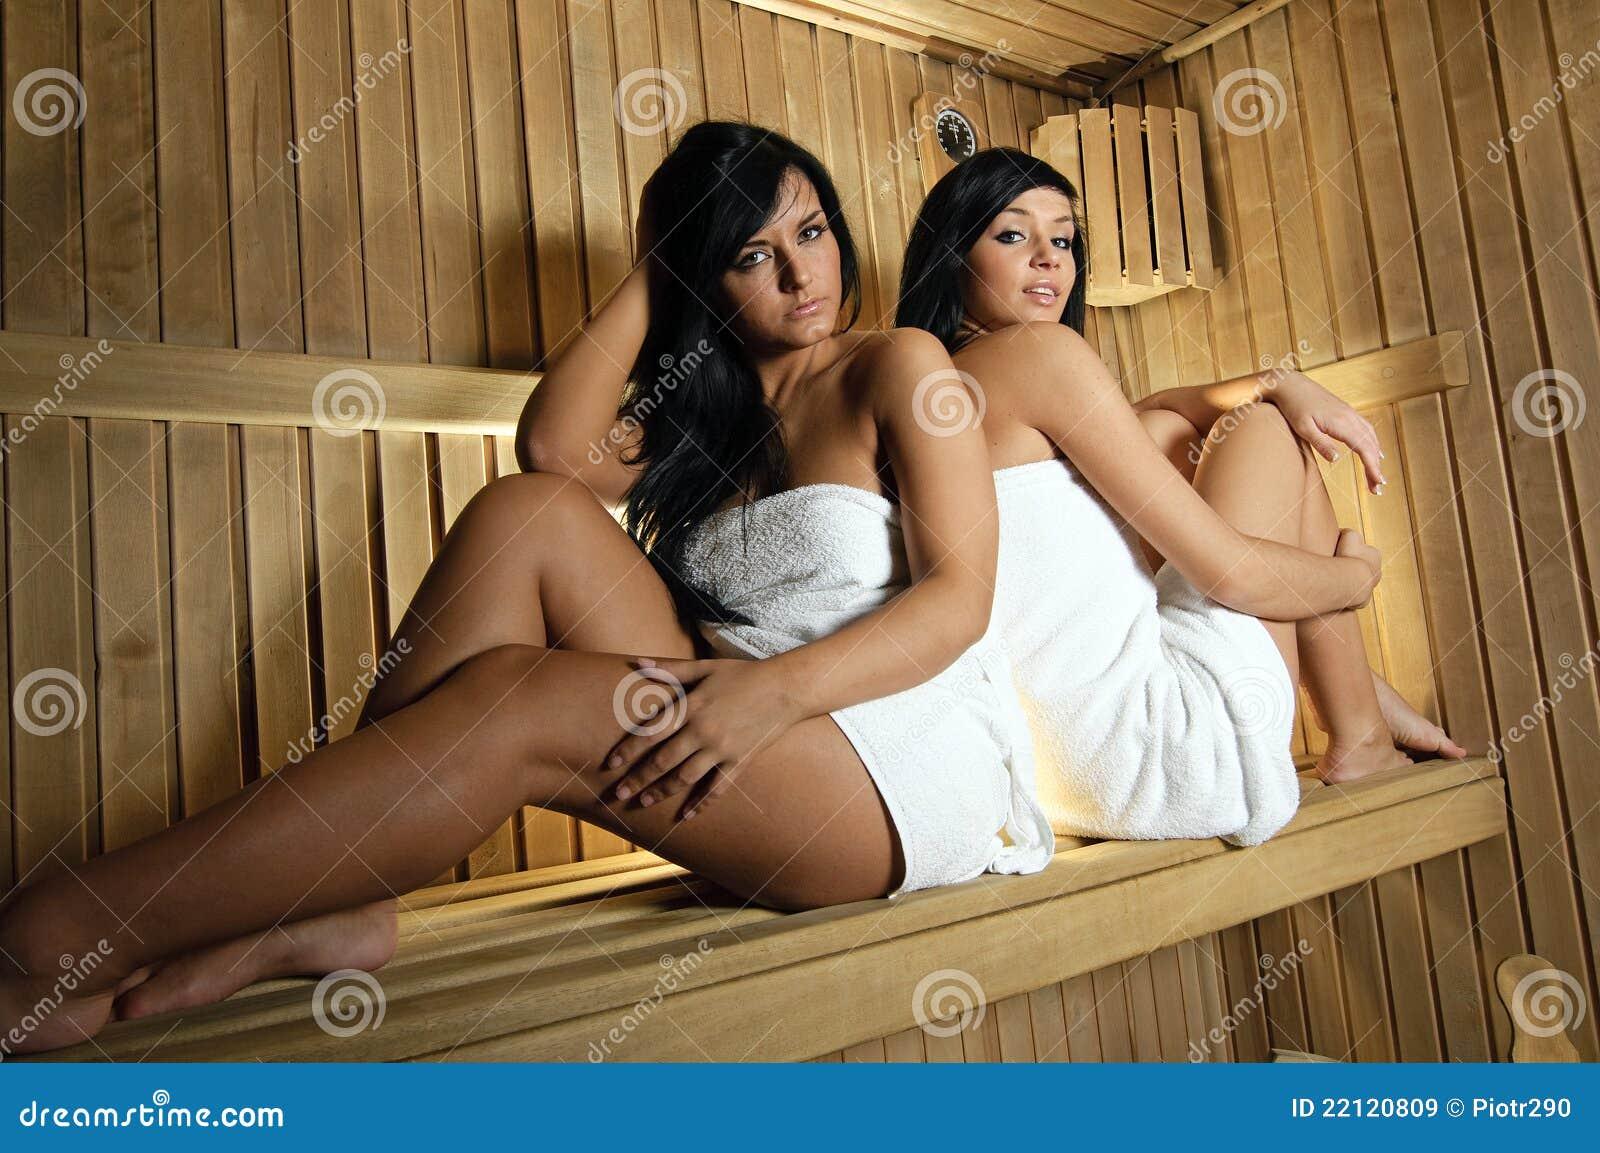 Секс с пьяными в бани, В Сауне порно видео, смотреть Секс в Сауне бесплатно 26 фотография